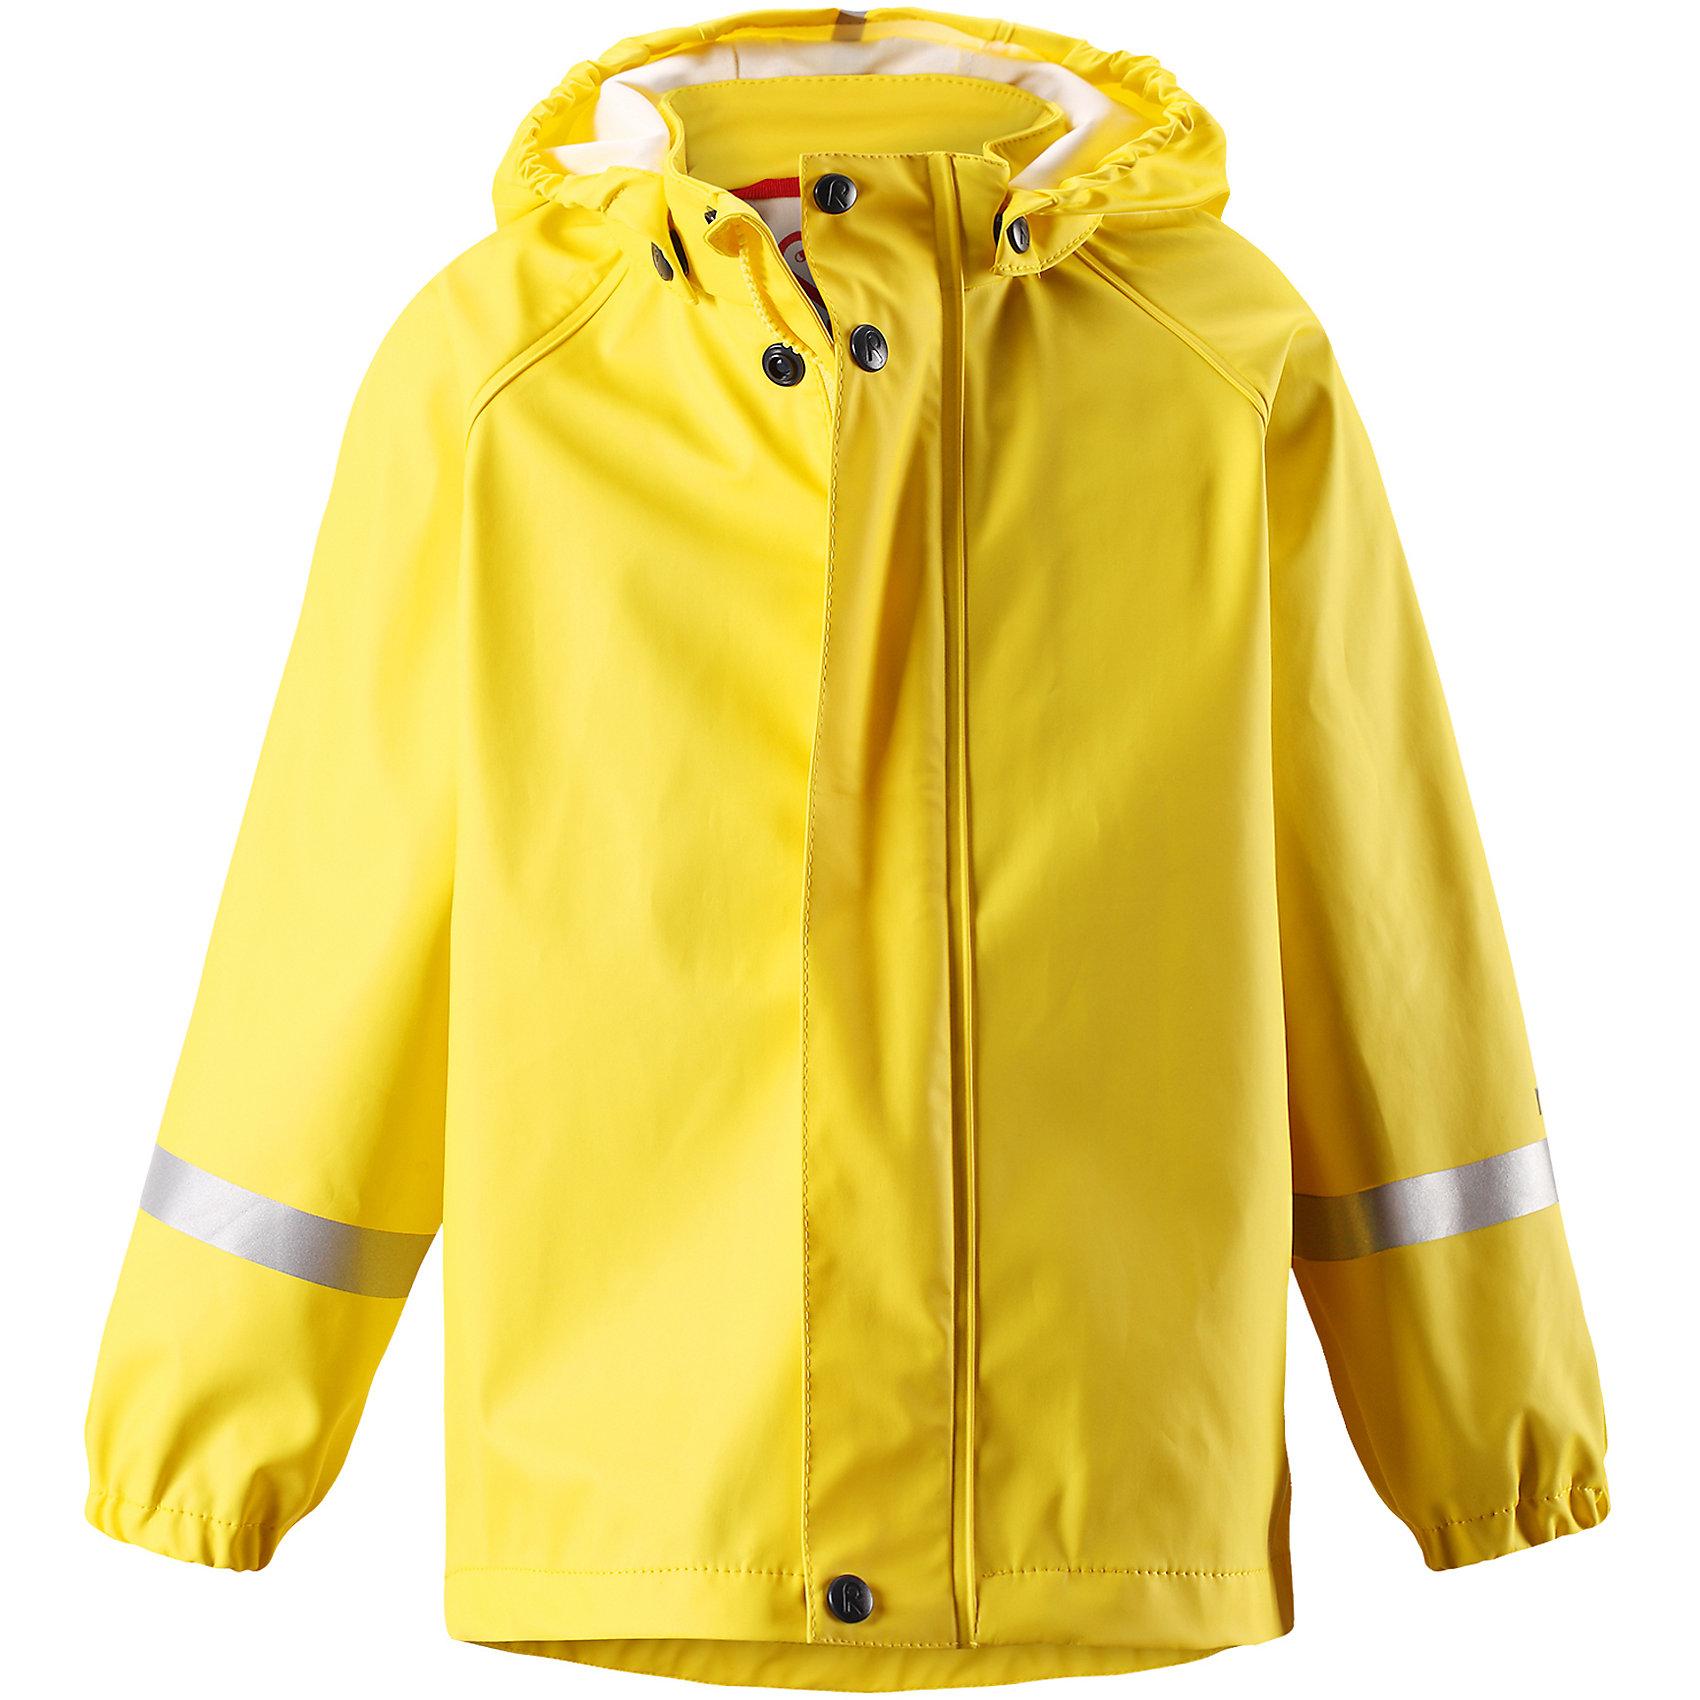 Плащ-дождевик Lampi ReimaСицилия<br>Характеристики товара:<br><br>• цвет: желтый<br>• состав: 100% полиэстер, полиуретановое покрытие<br>• водонепроницаемость: 10000 мм<br>• температурный режим: от +10° до +20°С<br>• без утеплителя<br>• водонепроницаемый материал с запаянными швами<br>• эластичный материал<br>• не сожержит ПВХ<br>• безопасный съёмный капюшон<br>• спереди застегивается на молнию<br>• светоотражающие детали<br>• эластичные манжеты<br>• комфортная посадка<br>• страна производства: Китай<br>• страна бренда: Финляндия<br>• коллекция: весна-лето 2017<br><br>Верхняя одежда для детей может быть модной и комфортной одновременно! Легкий плащ поможет обеспечить ребенку комфорт и тепло. Он отлично смотрится с различной одеждой и обувью. Изделие удобно сидит и модно выглядит. Материал - прочный, хорошо подходящий для дождливой погоды. Стильный дизайн разрабатывался специально для детей.<br><br>Одежда и обувь от финского бренда Reima пользуется популярностью во многих странах. Эти изделия стильные, качественные и удобные. Для производства продукции используются только безопасные, проверенные материалы и фурнитура. Порадуйте ребенка модными и красивыми вещами от Reima! <br><br>Плащ от финского бренда Reima (Рейма) можно купить в нашем интернет-магазине.<br><br>Ширина мм: 356<br>Глубина мм: 10<br>Высота мм: 245<br>Вес г: 519<br>Цвет: желтый<br>Возраст от месяцев: 60<br>Возраст до месяцев: 72<br>Пол: Унисекс<br>Возраст: Детский<br>Размер: 116,140,98,86,92,104,110,122,128,134<br>SKU: 5270498